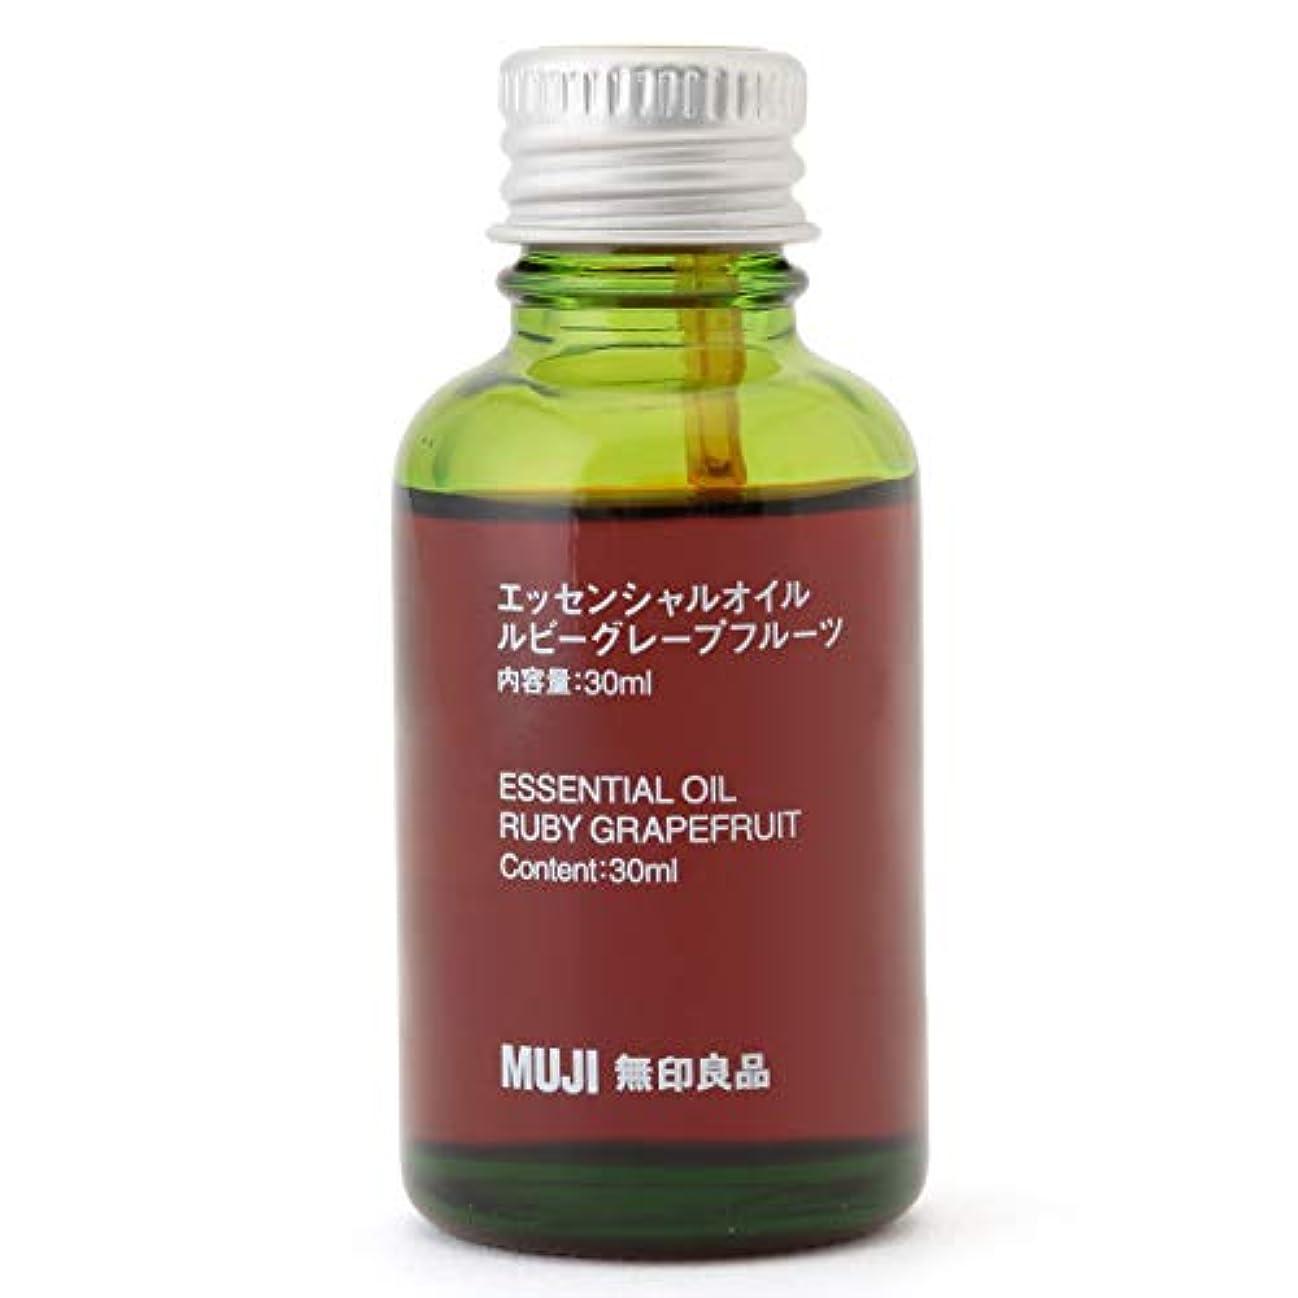 とは異なりボトル項目【無印良品】エッセンシャルオイル30ml(ルビーグレープフルーツ)